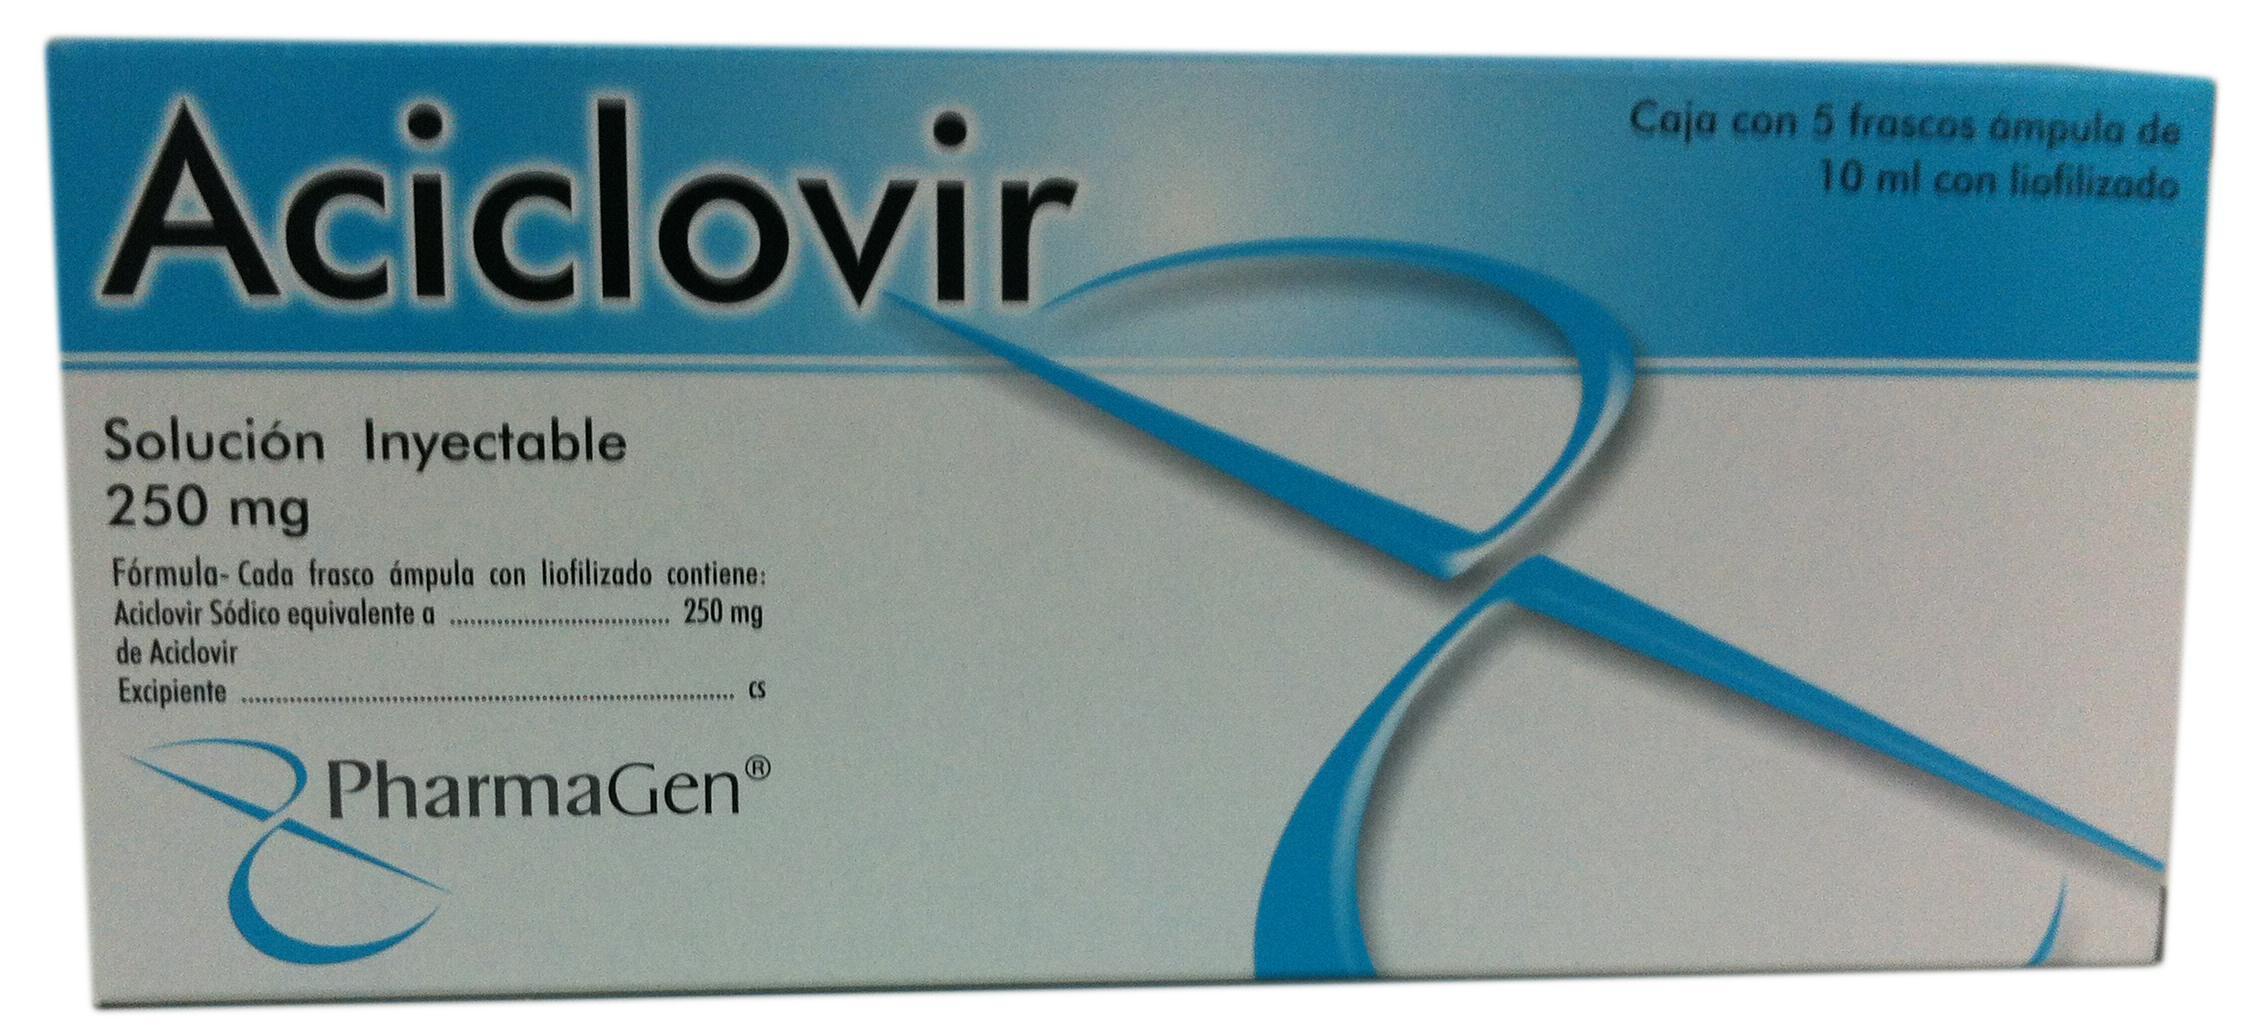 Acyclovir (Oral)